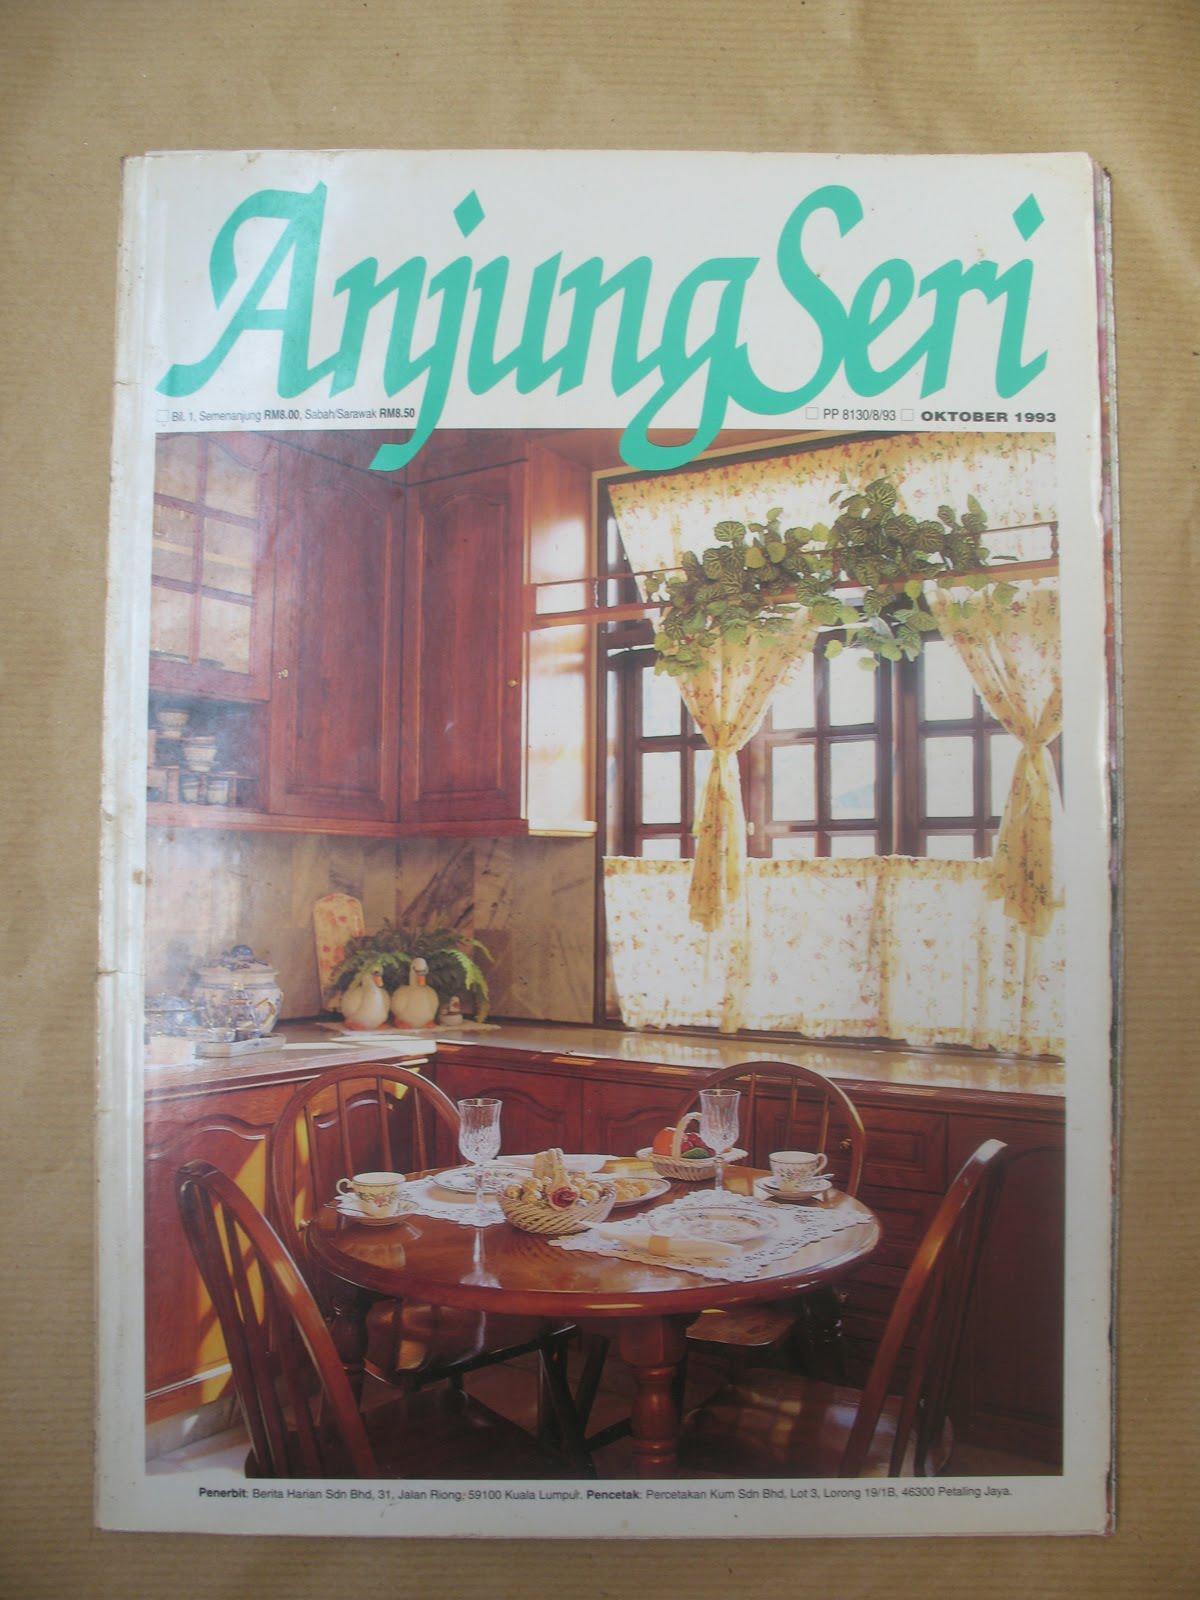 Gambar Pada Kulit Hadapan Majalah Menunjukkan Gambaran Sebuah Dapur Untuk Makluman Anjung Seri Ini Merupakan Berbahasa Melayu Yang